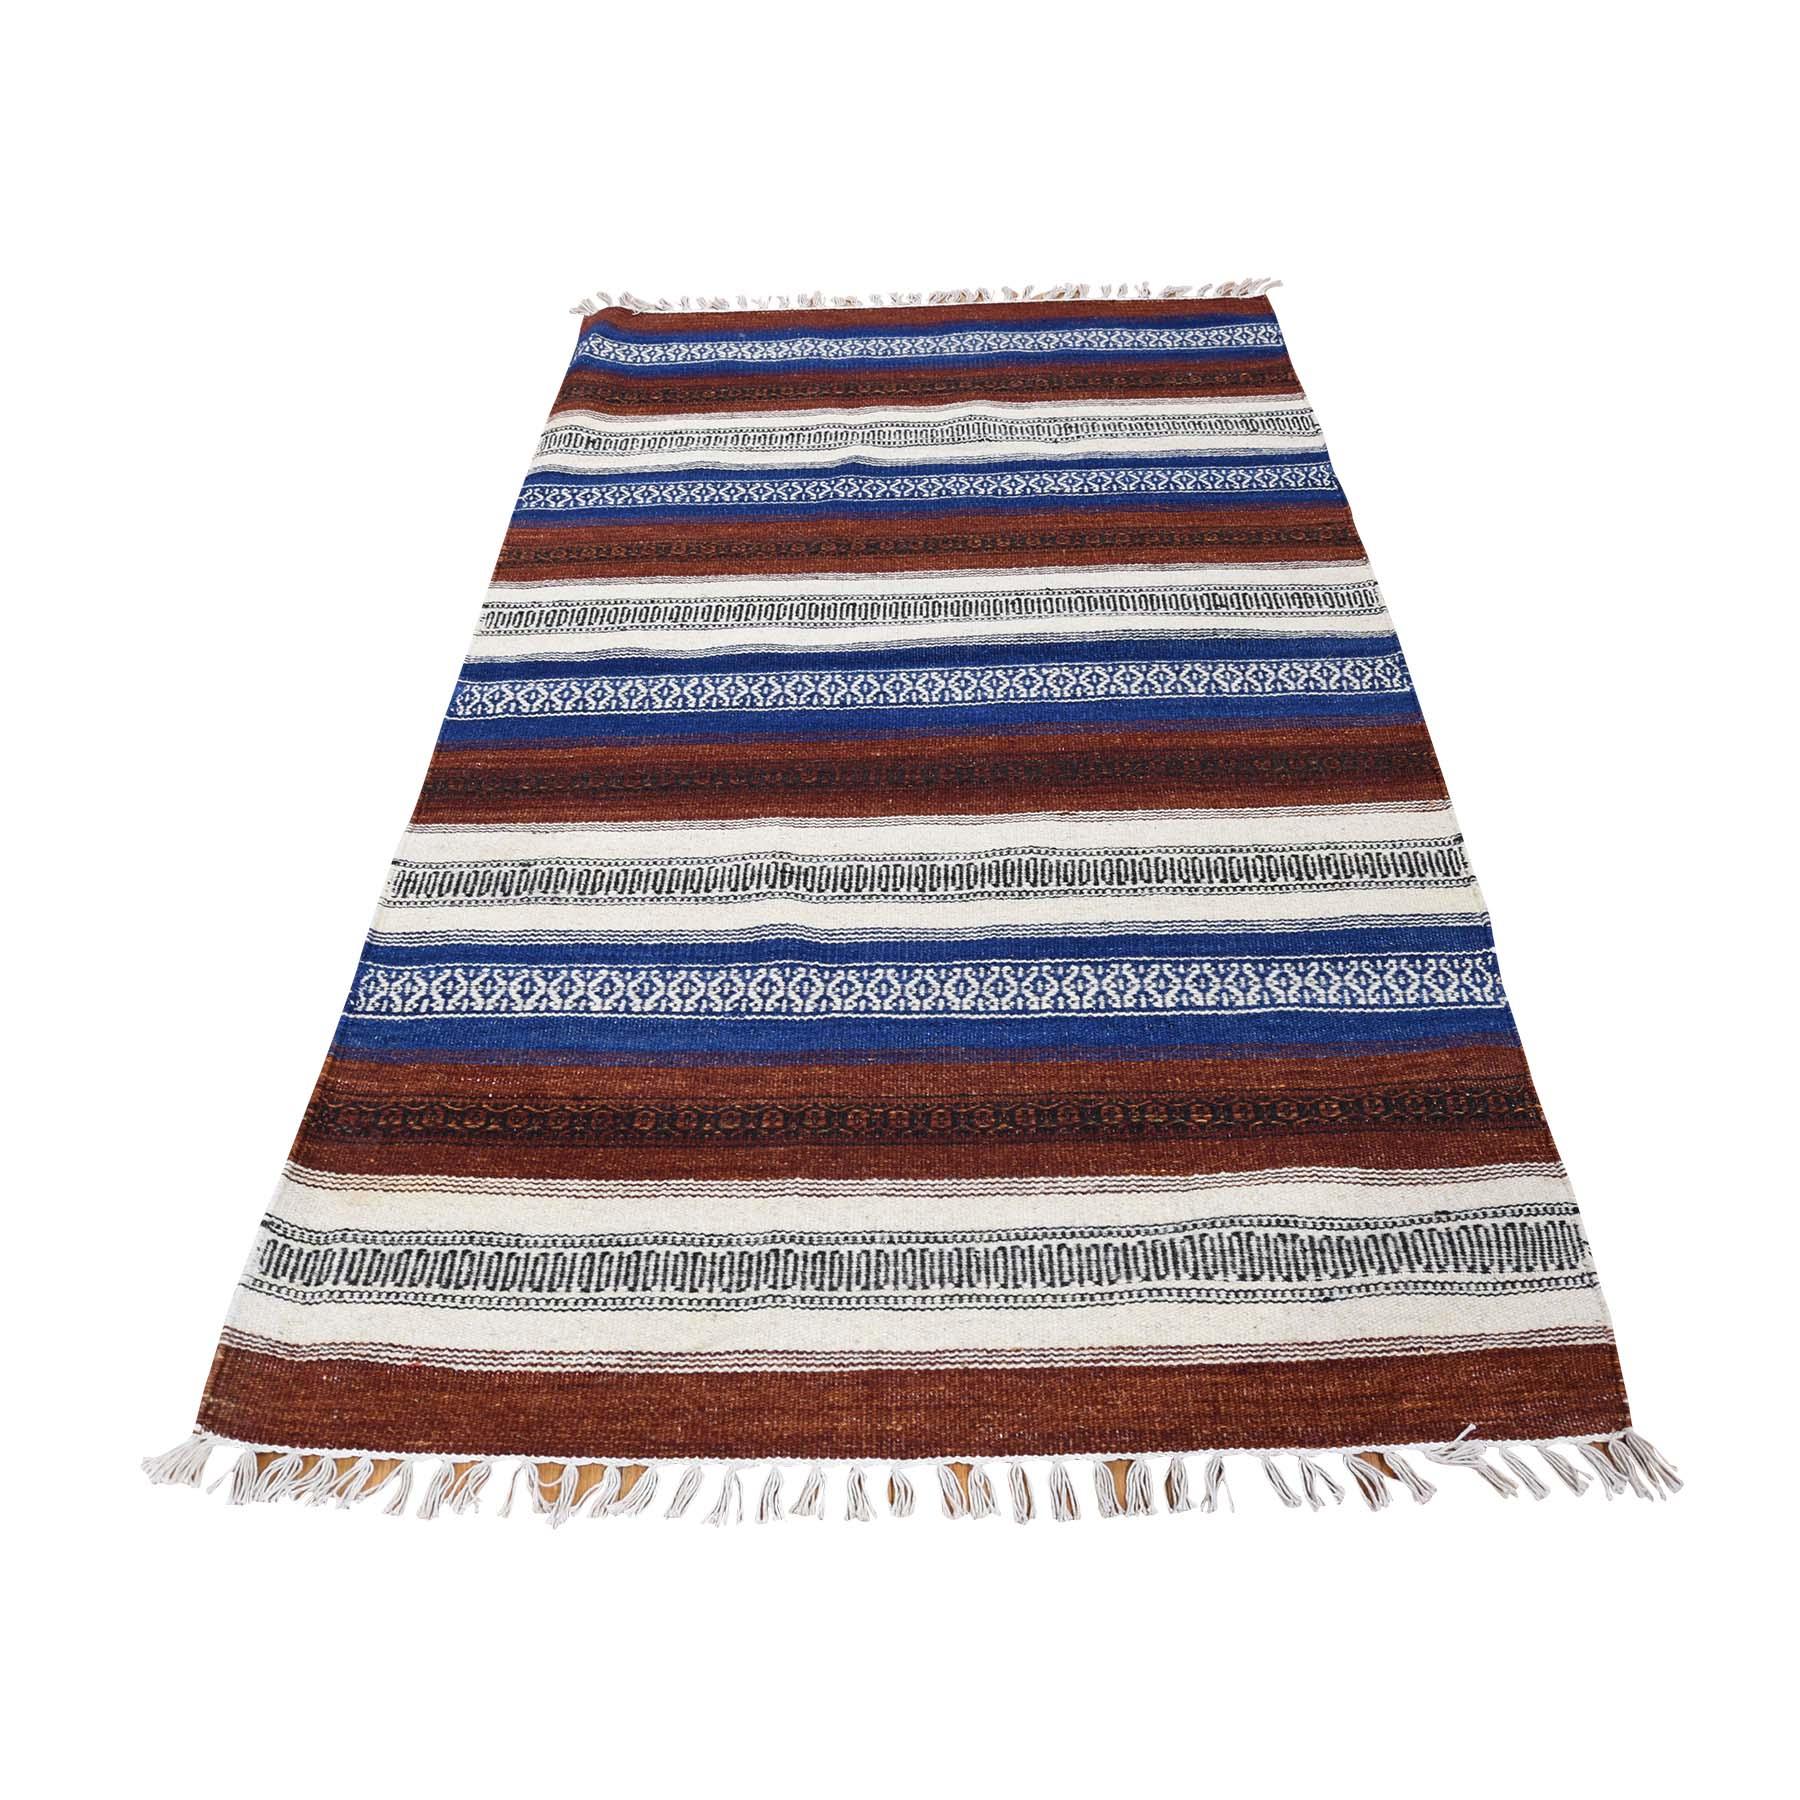 Fine Kilim Collection Hand Woven Multicolored Rug No: 0180208